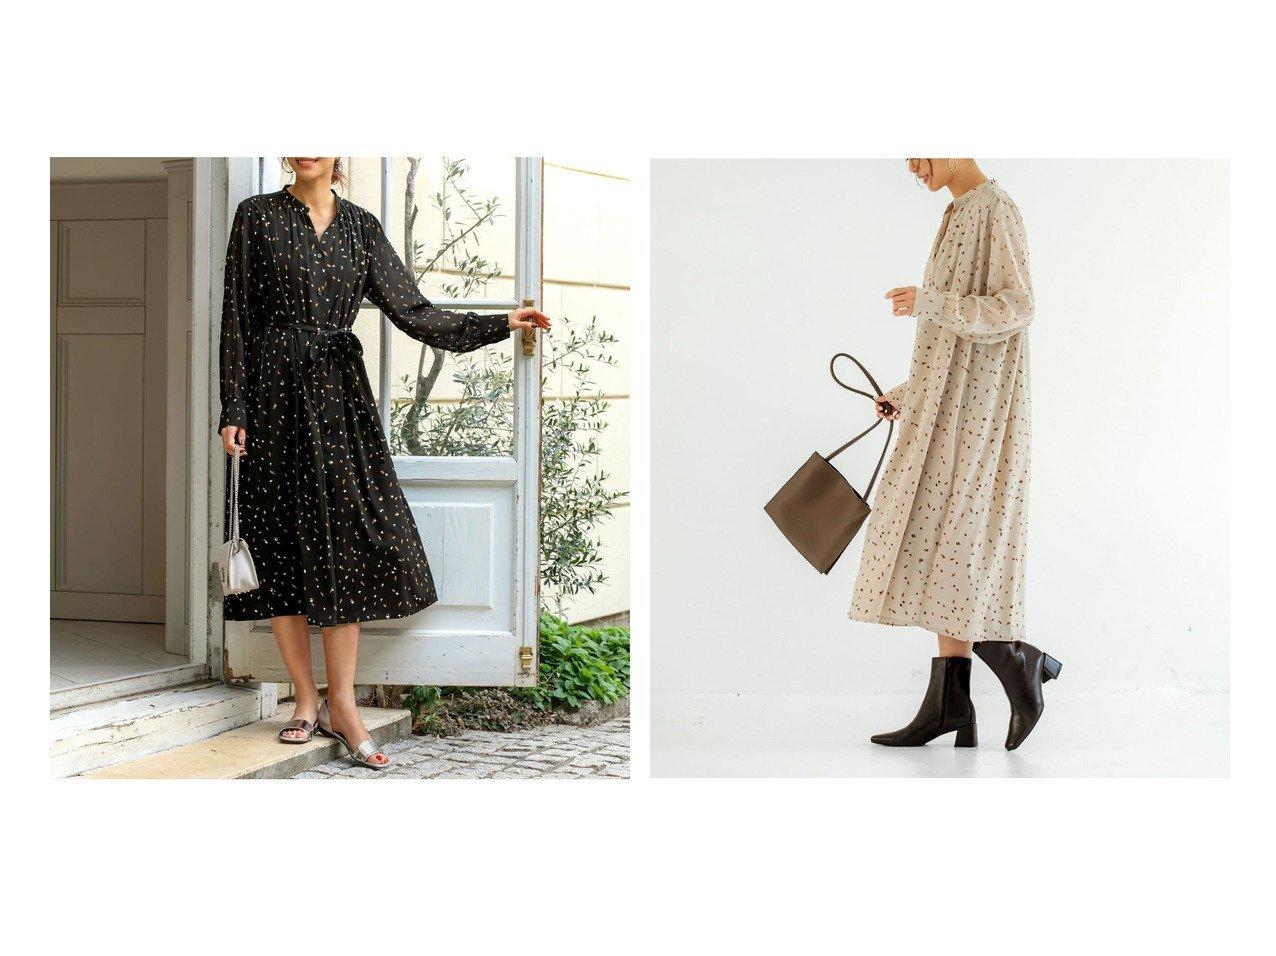 【STYLE DELI/スタイルデリ】の【LUXE】とばしペイント柄ギャザーワンピース ワンピース・ドレスのおすすめ!人気、トレンド・レディースファッションの通販  おすすめで人気の流行・トレンド、ファッションの通販商品 メンズファッション・キッズファッション・インテリア・家具・レディースファッション・服の通販 founy(ファニー) https://founy.com/ ファッション Fashion レディースファッション WOMEN ワンピース Dress エアリー カフス ギャザー サンダル シフォン ジャケット スニーカー スリム フォルム フロント プリント ペチコート ポケット ミモレ 無地 ヨーク リボン リラックス |ID:crp329100000022754